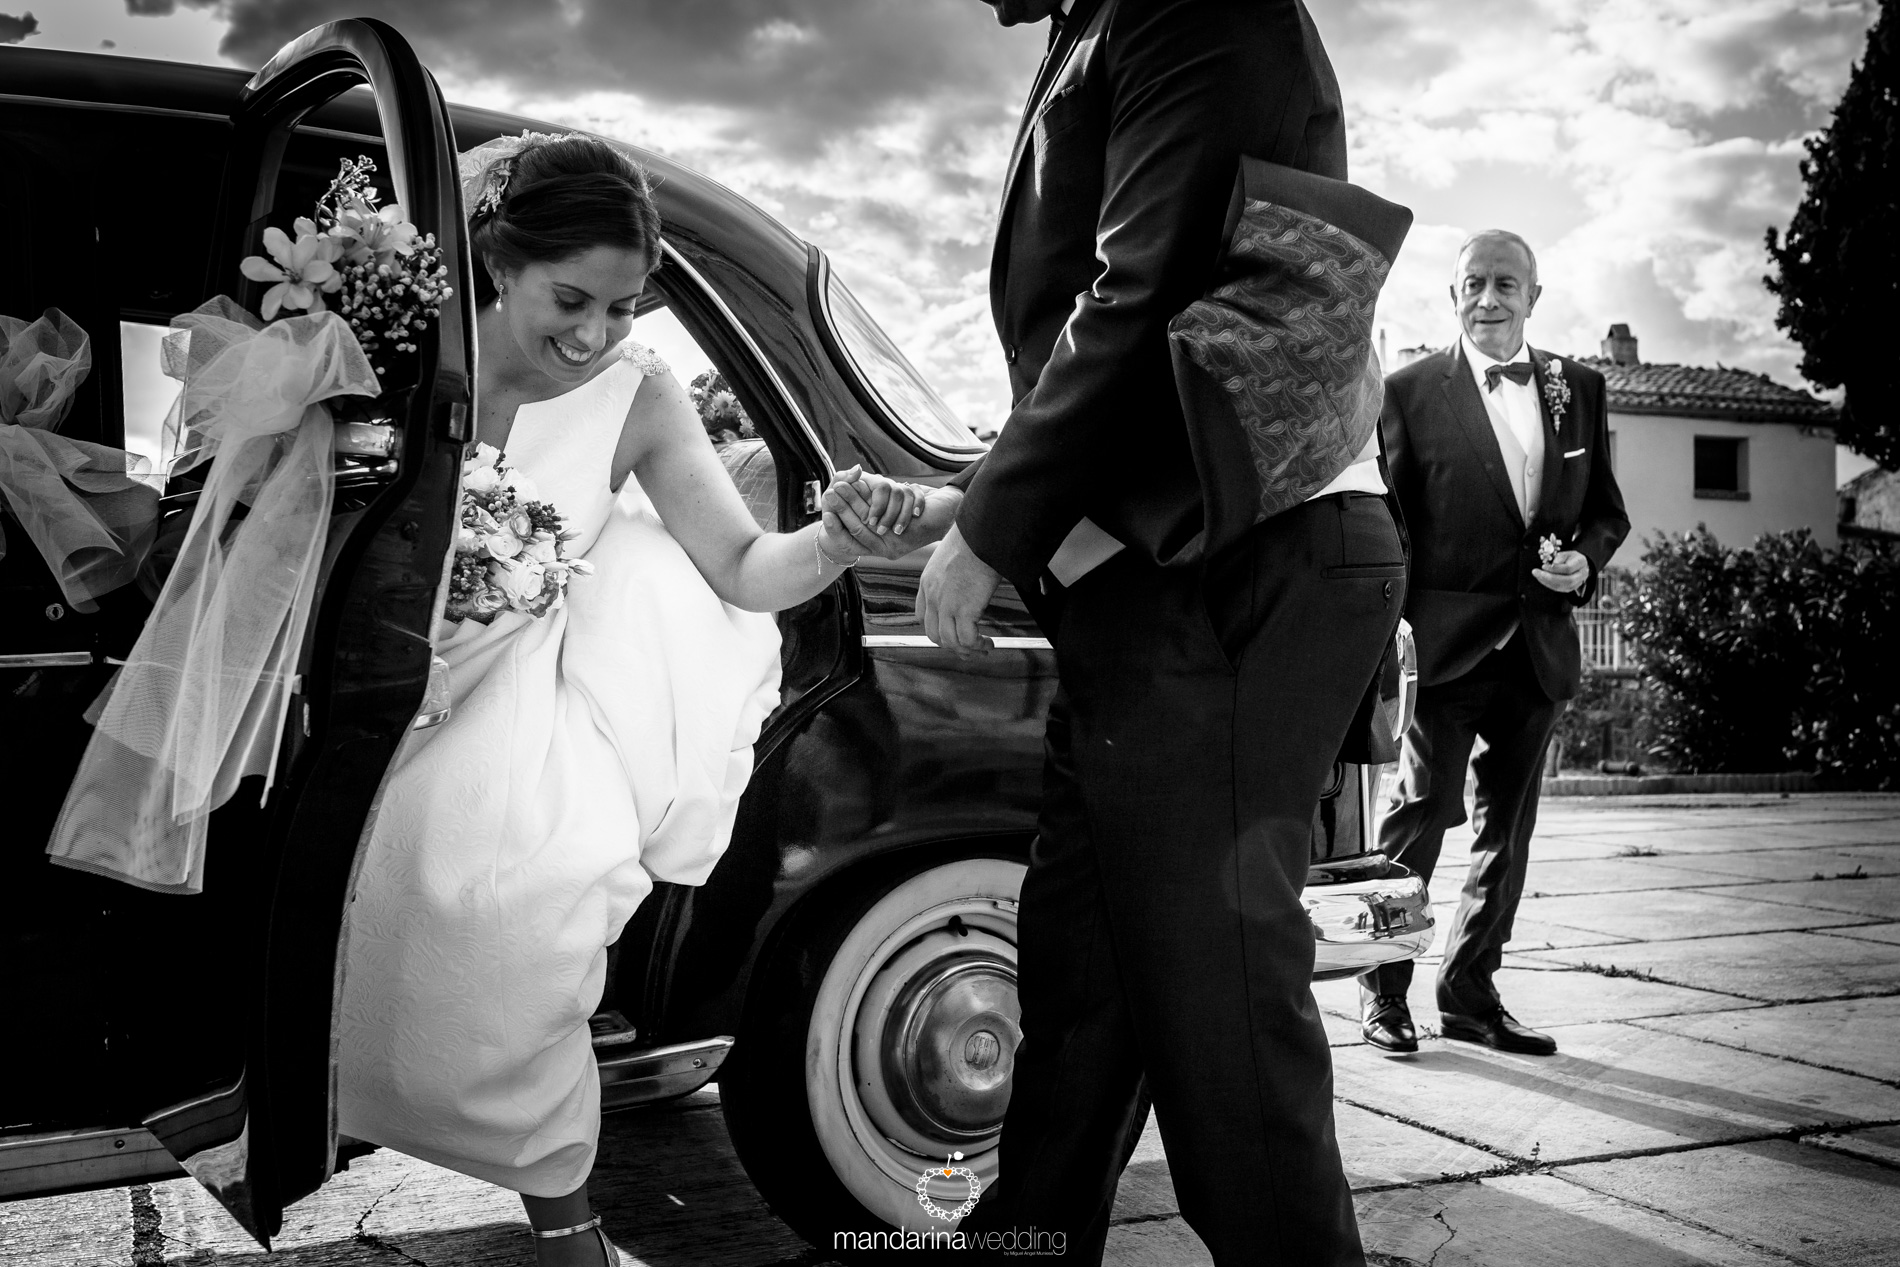 mandarina wedding, fotografo de boda, fotografo boda soria, fotografo boda barcelona, fotografo boda Madrid, fotografo boda lerida, fotografo boda Huesca, fotografo de destino_004